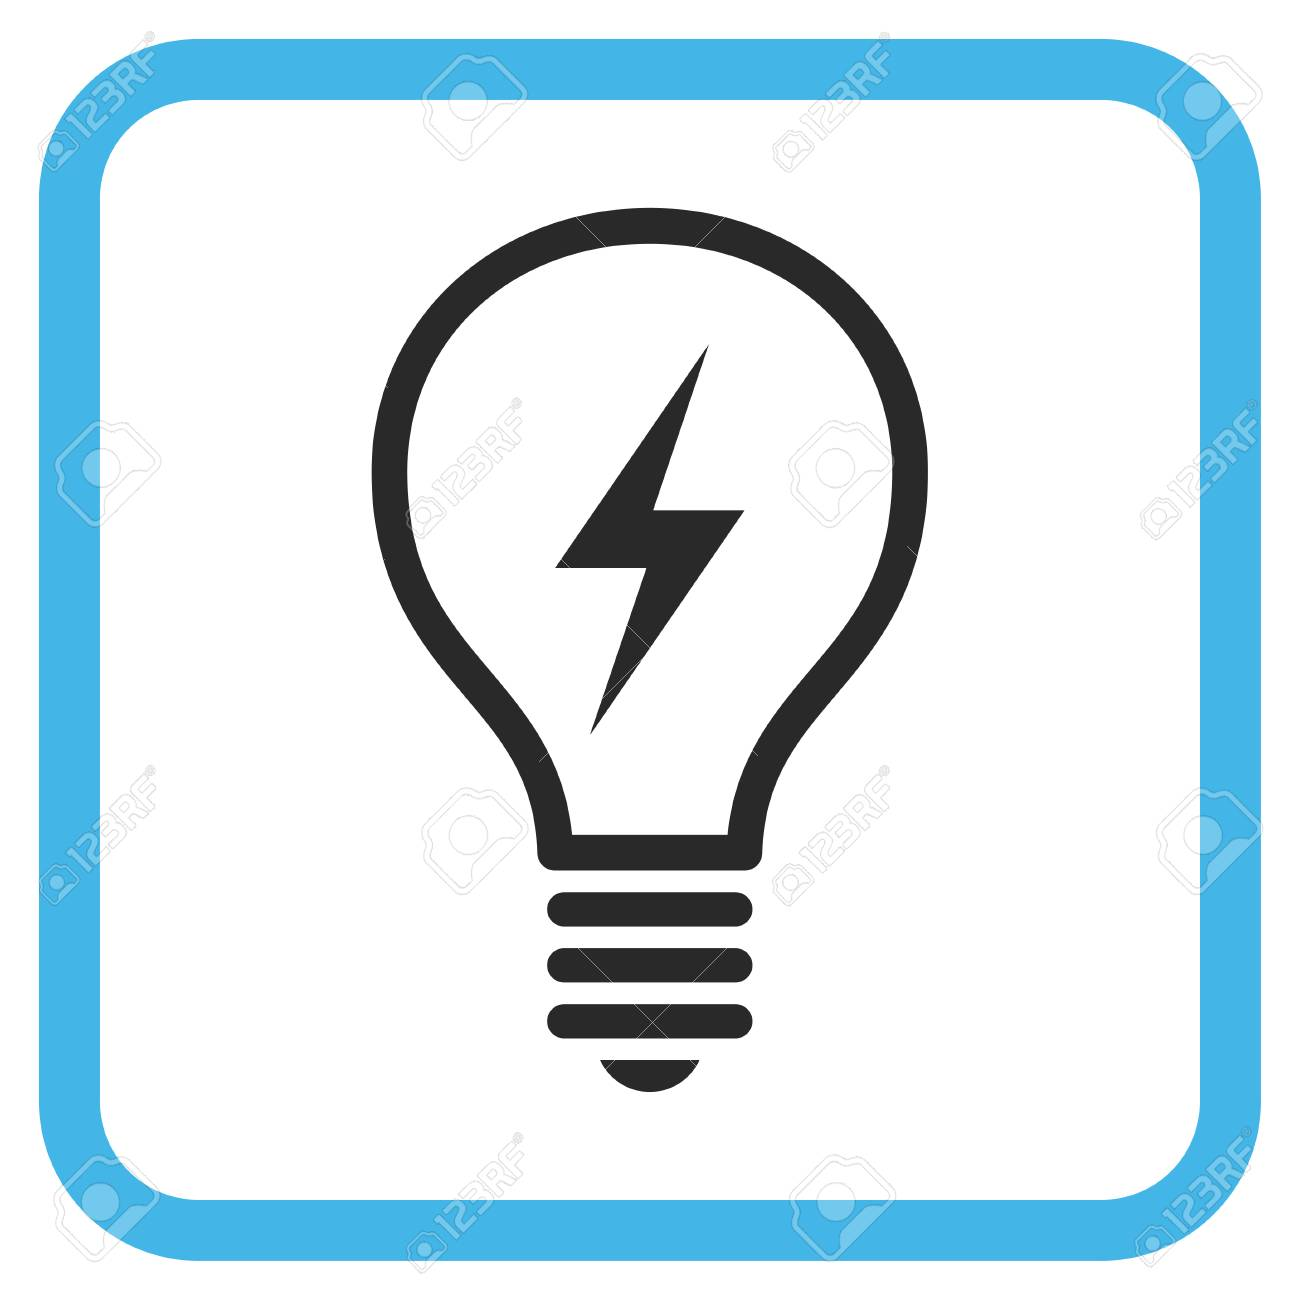 Ausgezeichnet Symbol Für Erde In Elektrizität Zeitgenössisch - Die ...